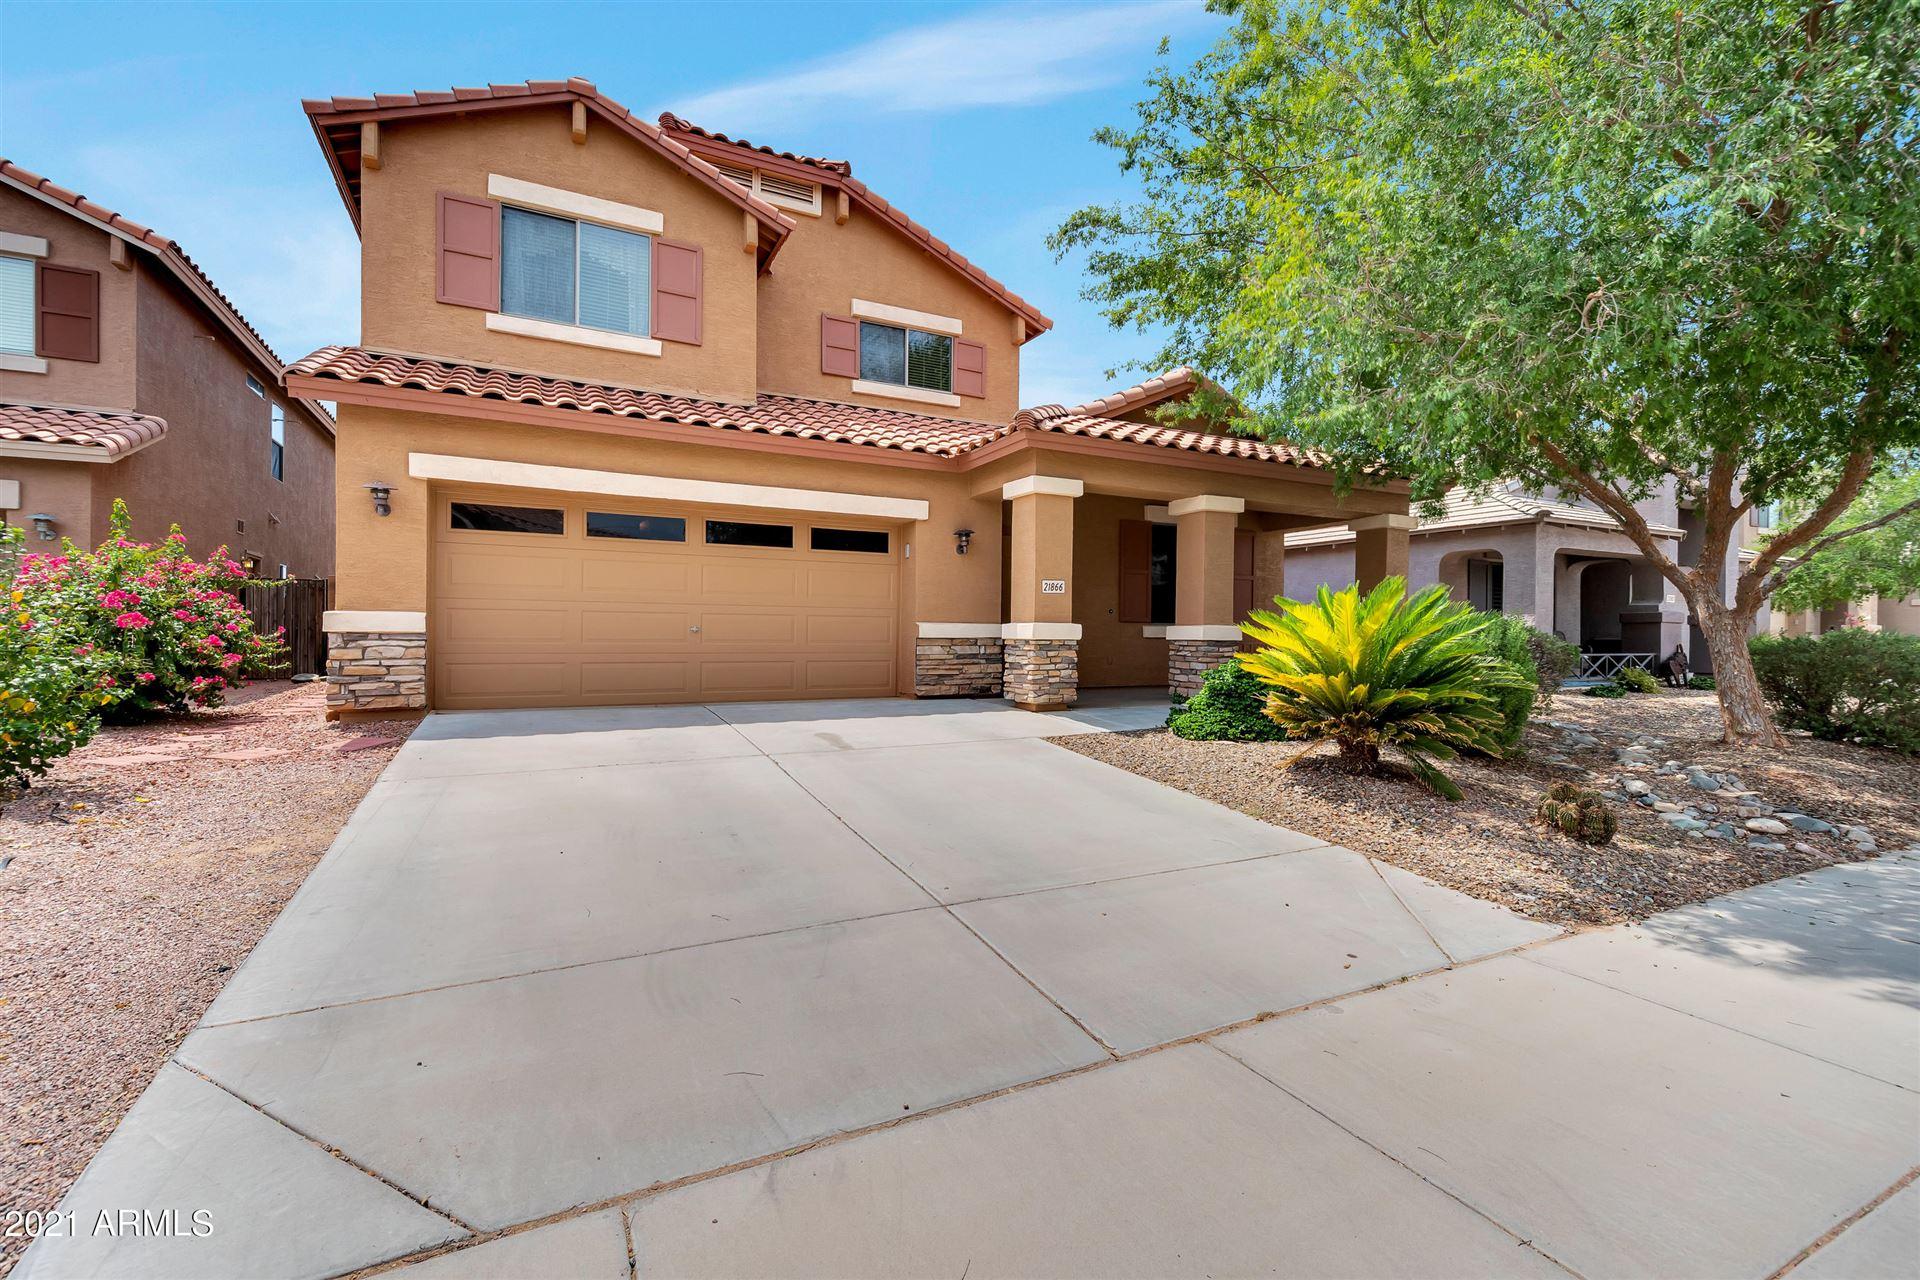 Photo for 21866 N DIETZ Drive, Maricopa, AZ 85138 (MLS # 6265625)